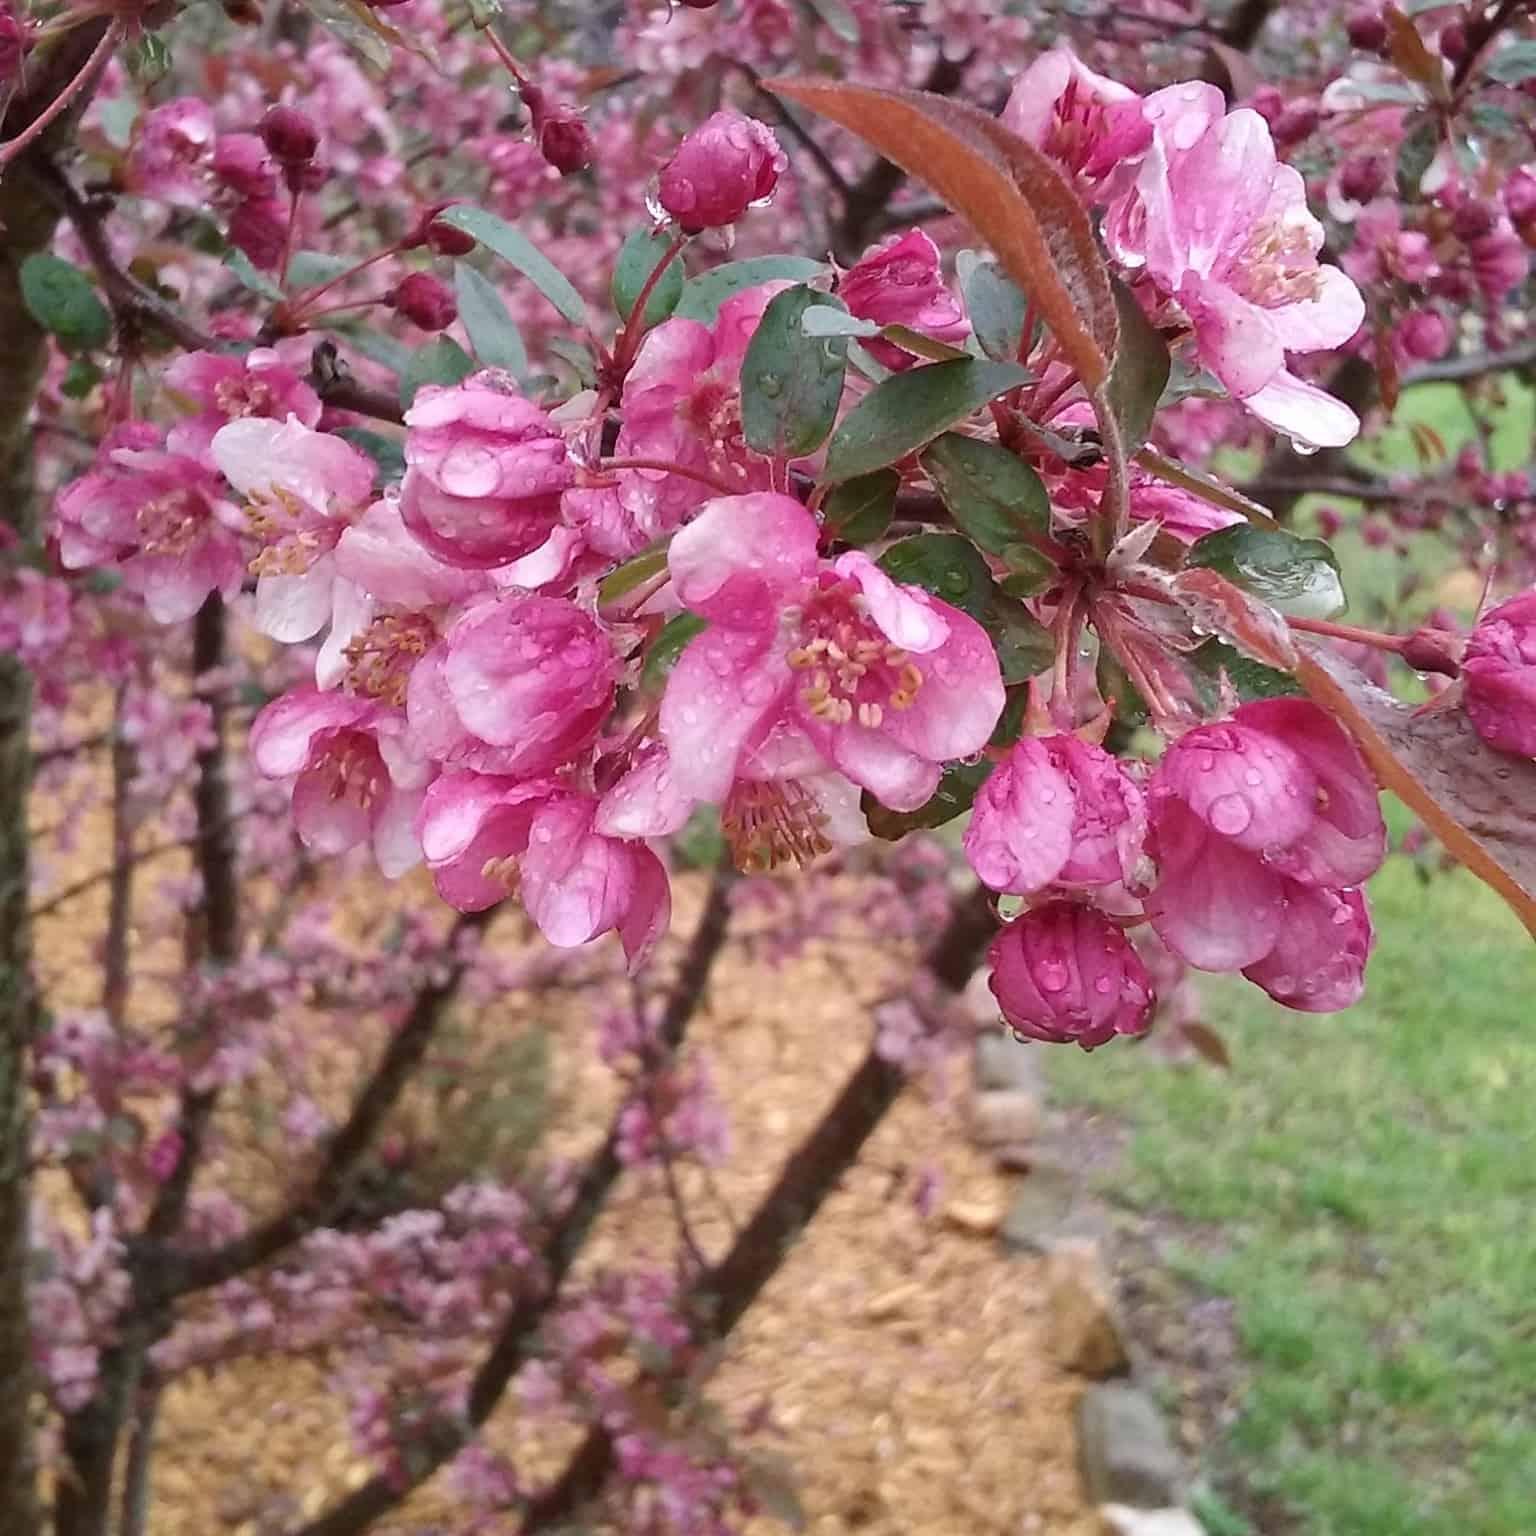 Springtime in Bloom: Redbuds and Crabapples